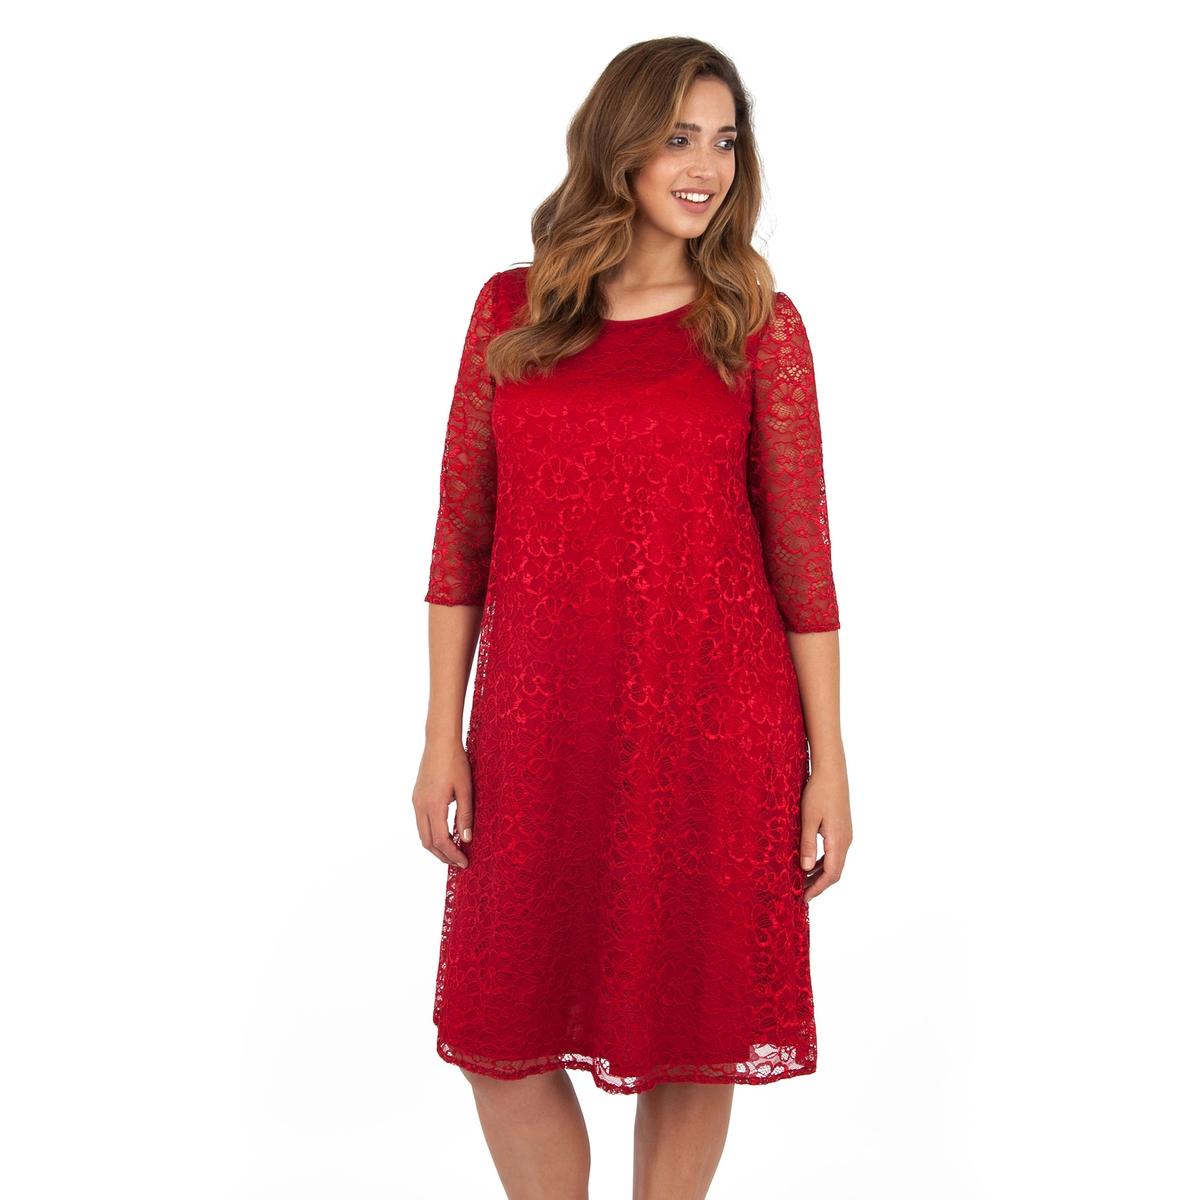 ПлатьеПлатье с рукавами 3/4 - LOVEDROBE. Красивое кружевное платье притягательного красного цвета с отделкой из прозрачного кружева на рукавах. Длина ок.104 см. 100% полиэстера.<br><br>Цвет: бордовый<br>Размер: 58/60 (FR) - 64/66 (RUS).48 (FR) - 54 (RUS)